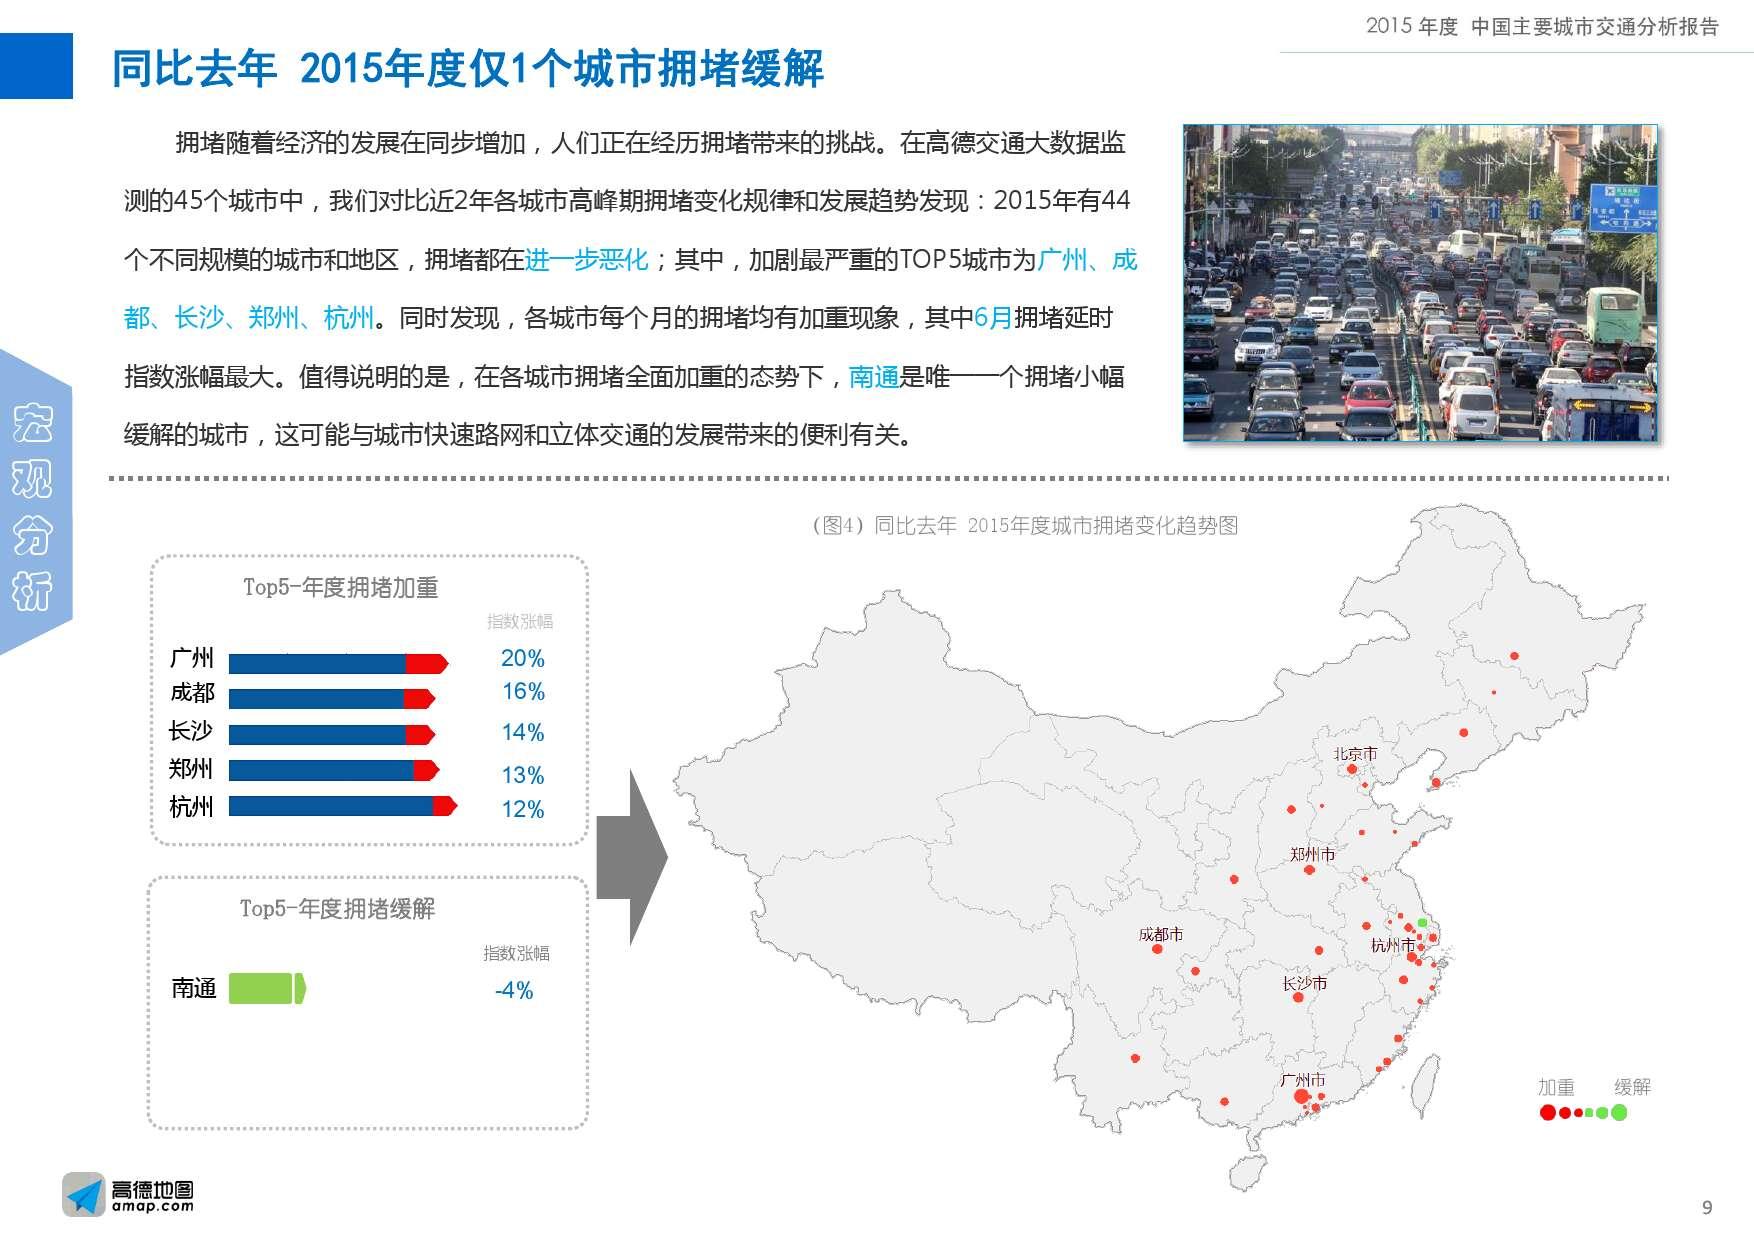 2015年度中国主要城市交通分析报告-final_000009